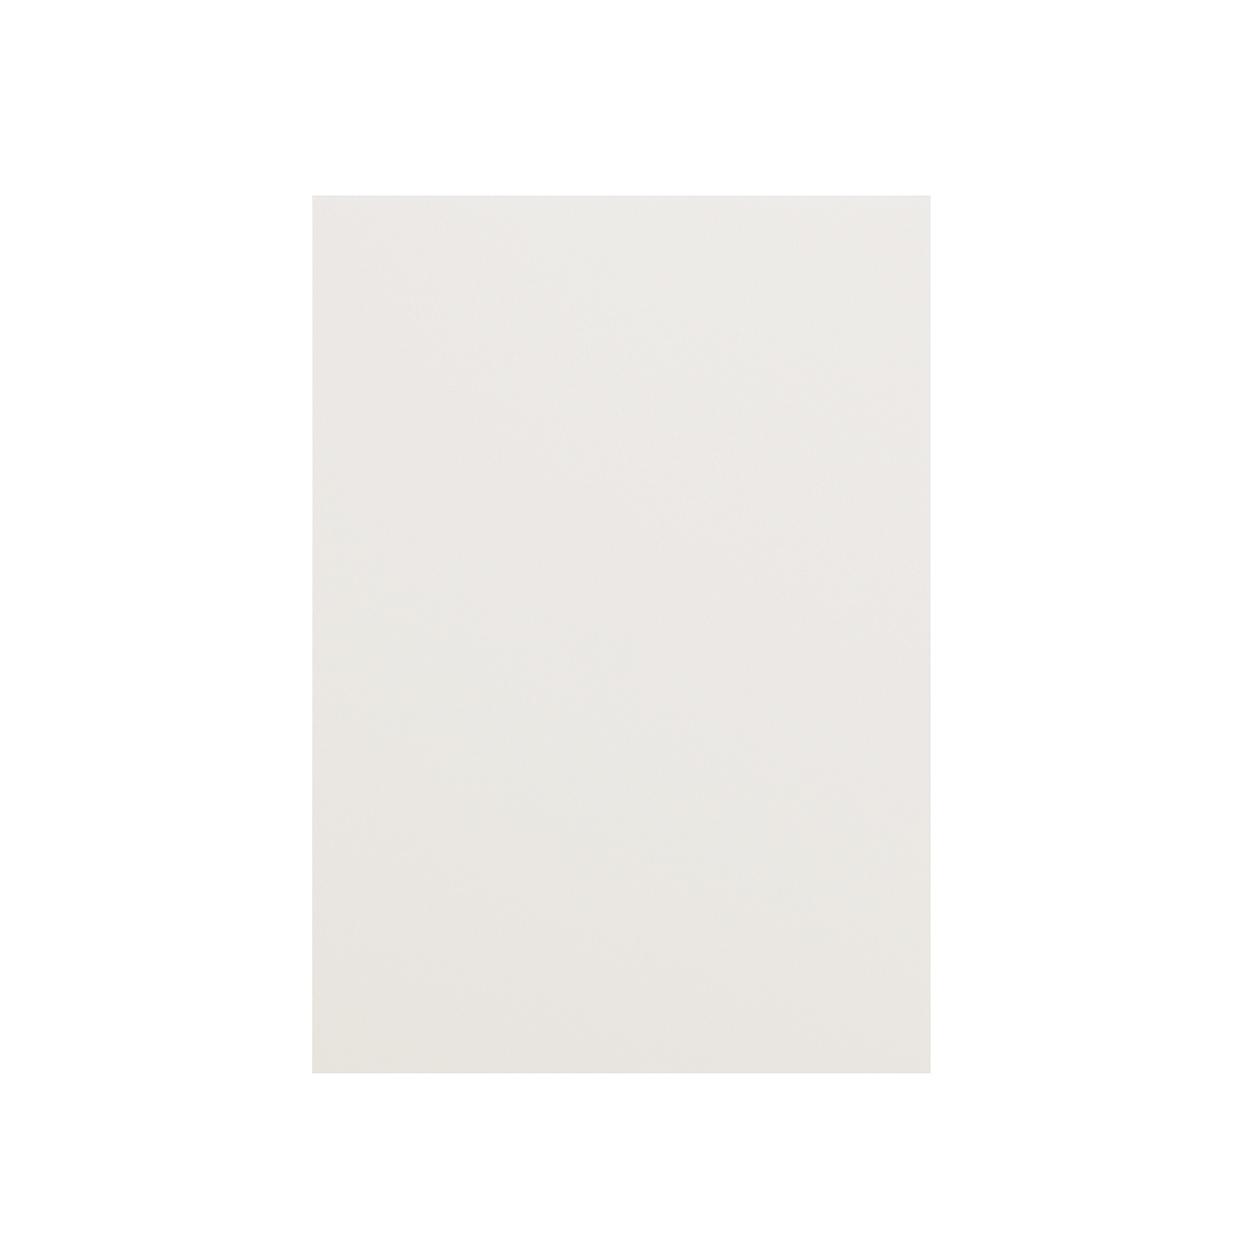 A5カード コットン スノーホワイト 232.8g